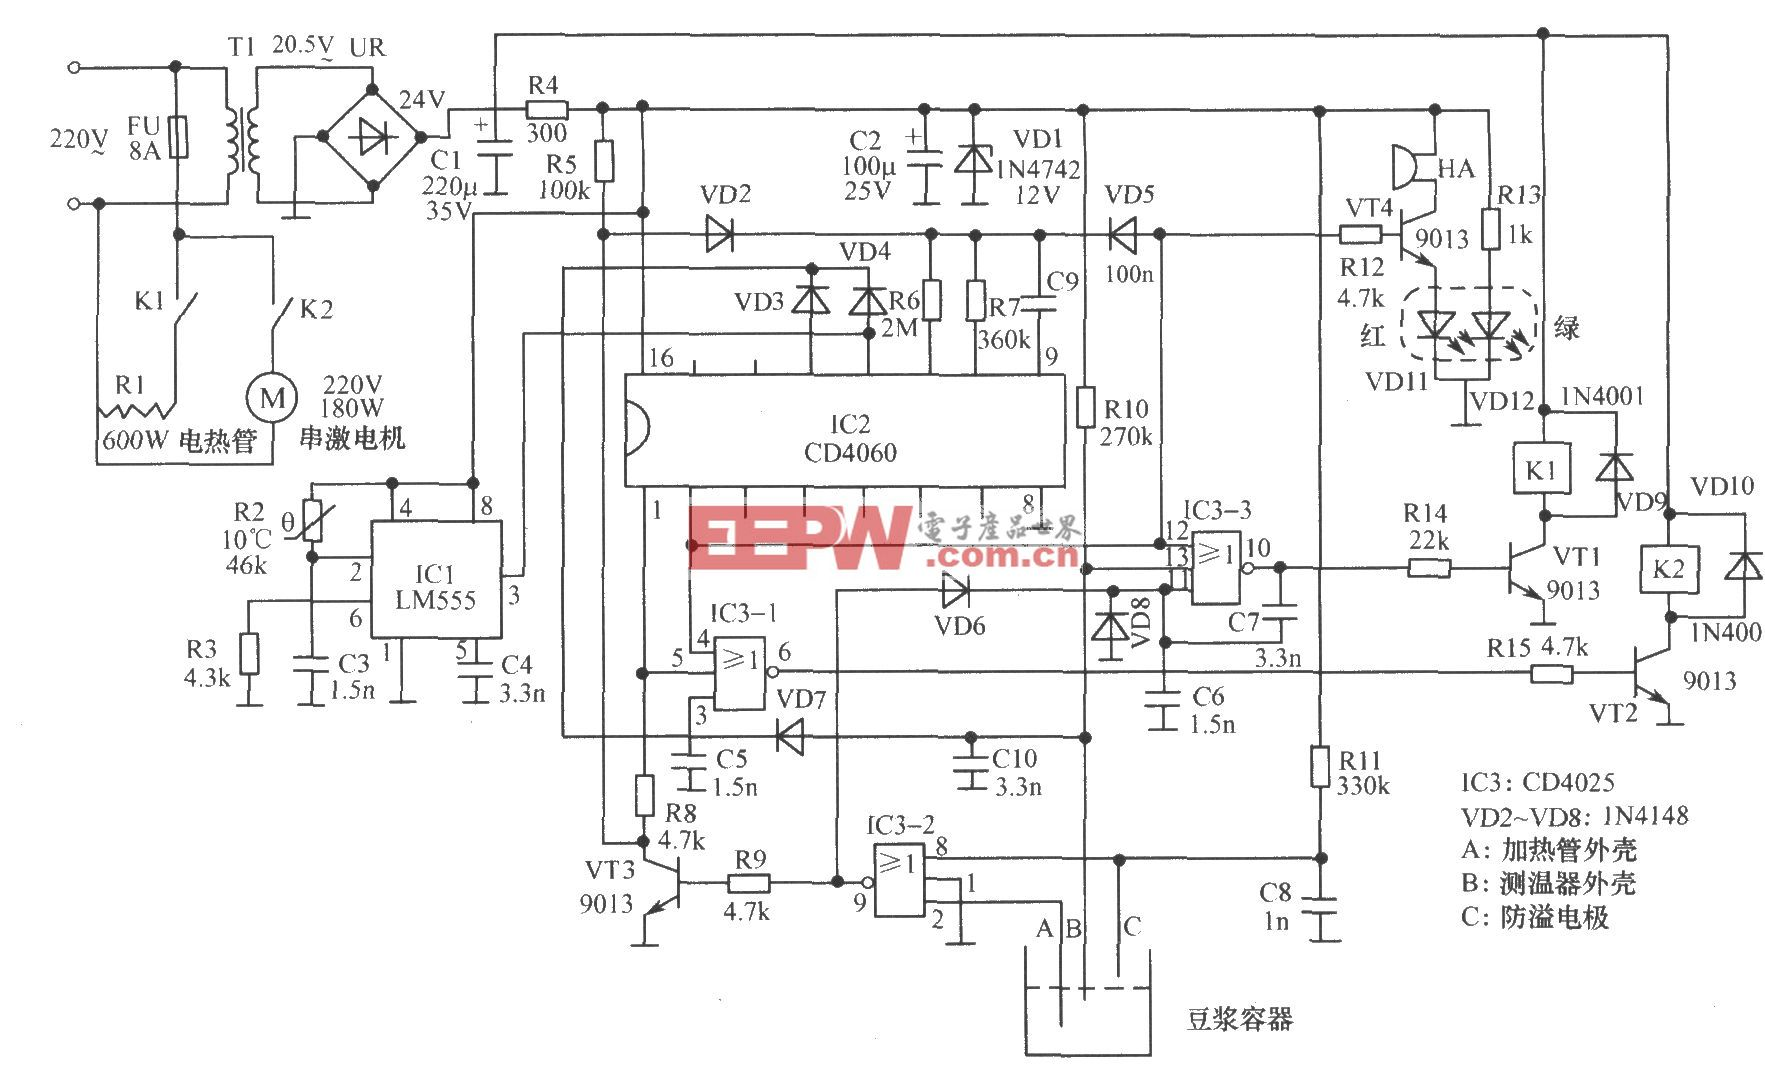 豆浆机的电原理图